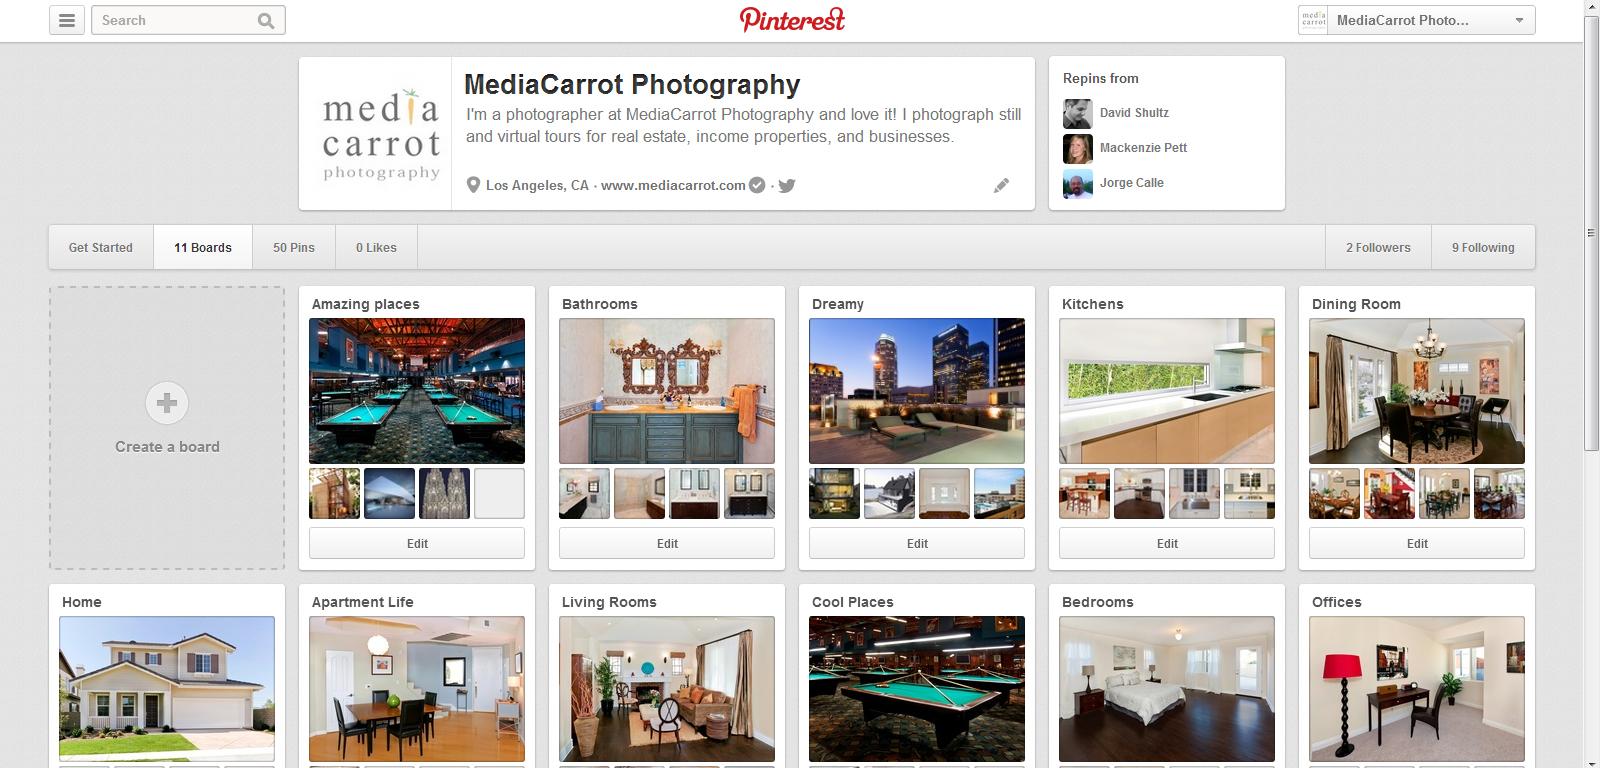 MediaCarrot-on-pintrest.jpg